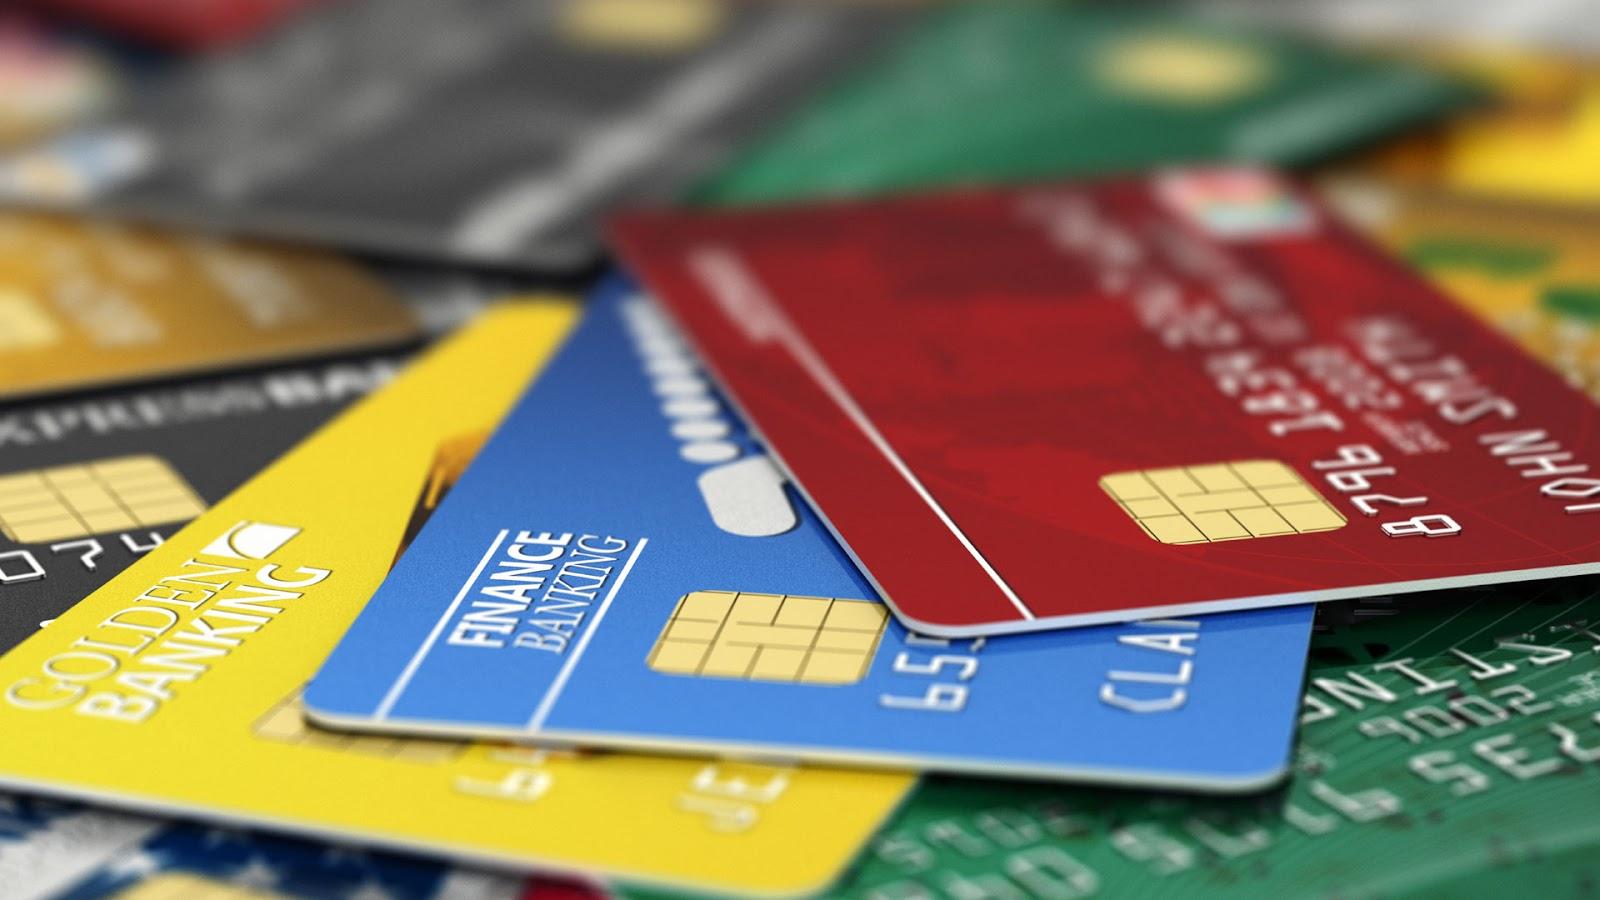 ¿Puedo dar mi numero de tarjeta de crédito y el código sin riesgo en una web?